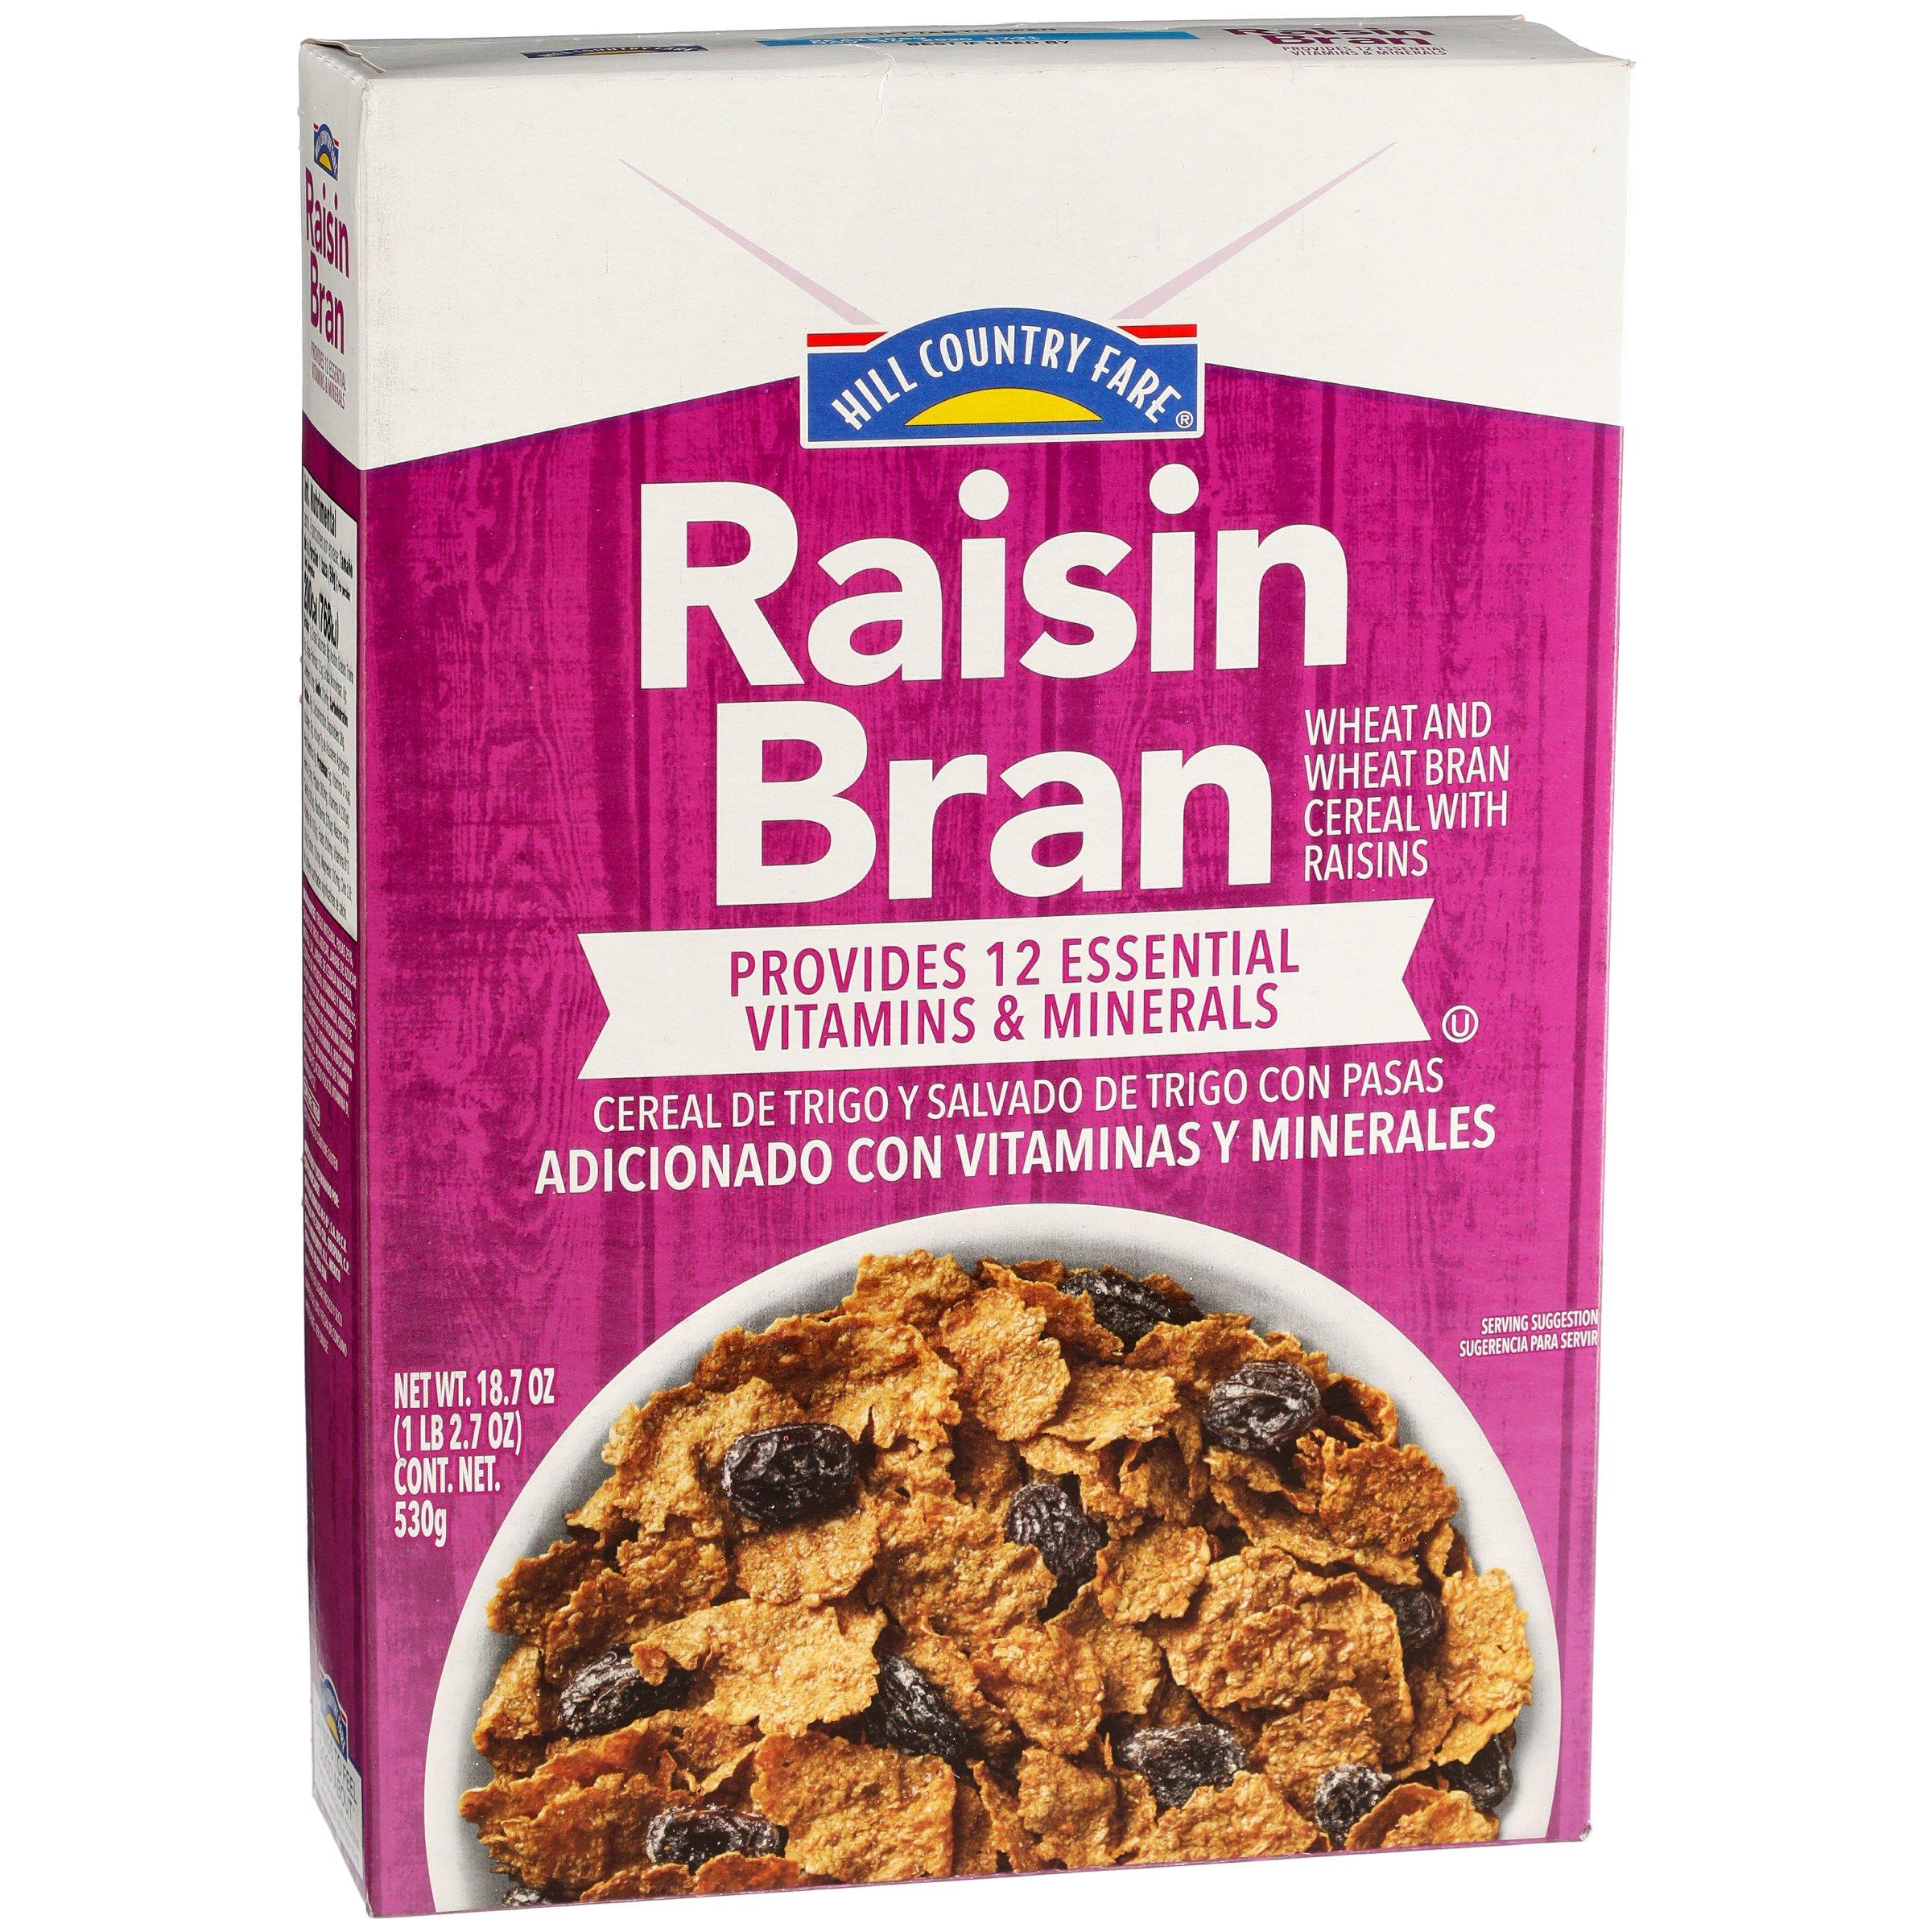 Hill Country Fare Raisin Bran Cereal